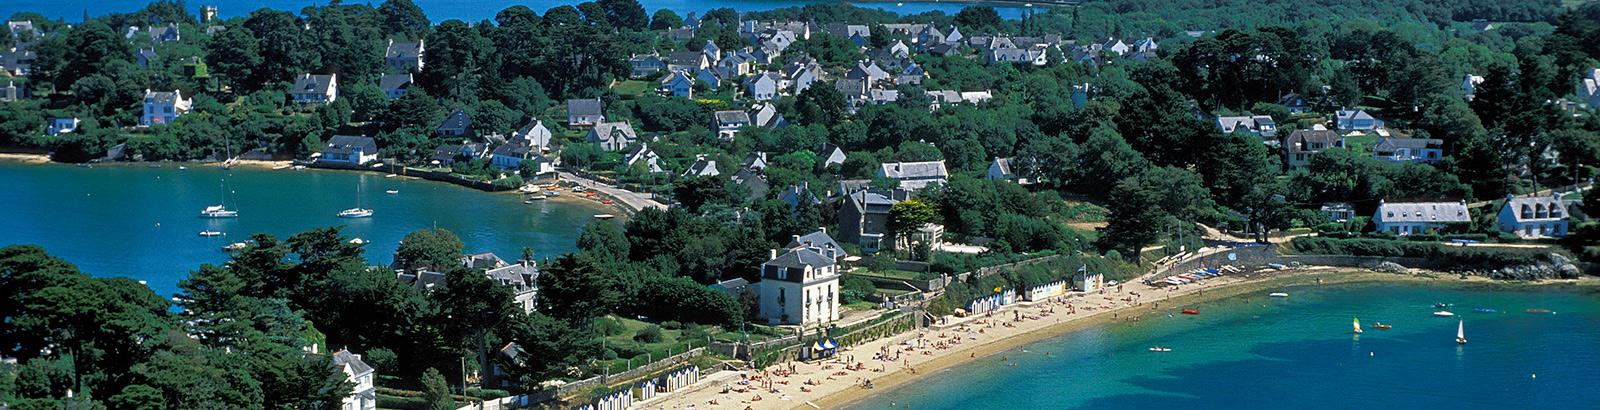 Golf von Morbihan : Eine der schönsten Buchten der Welt